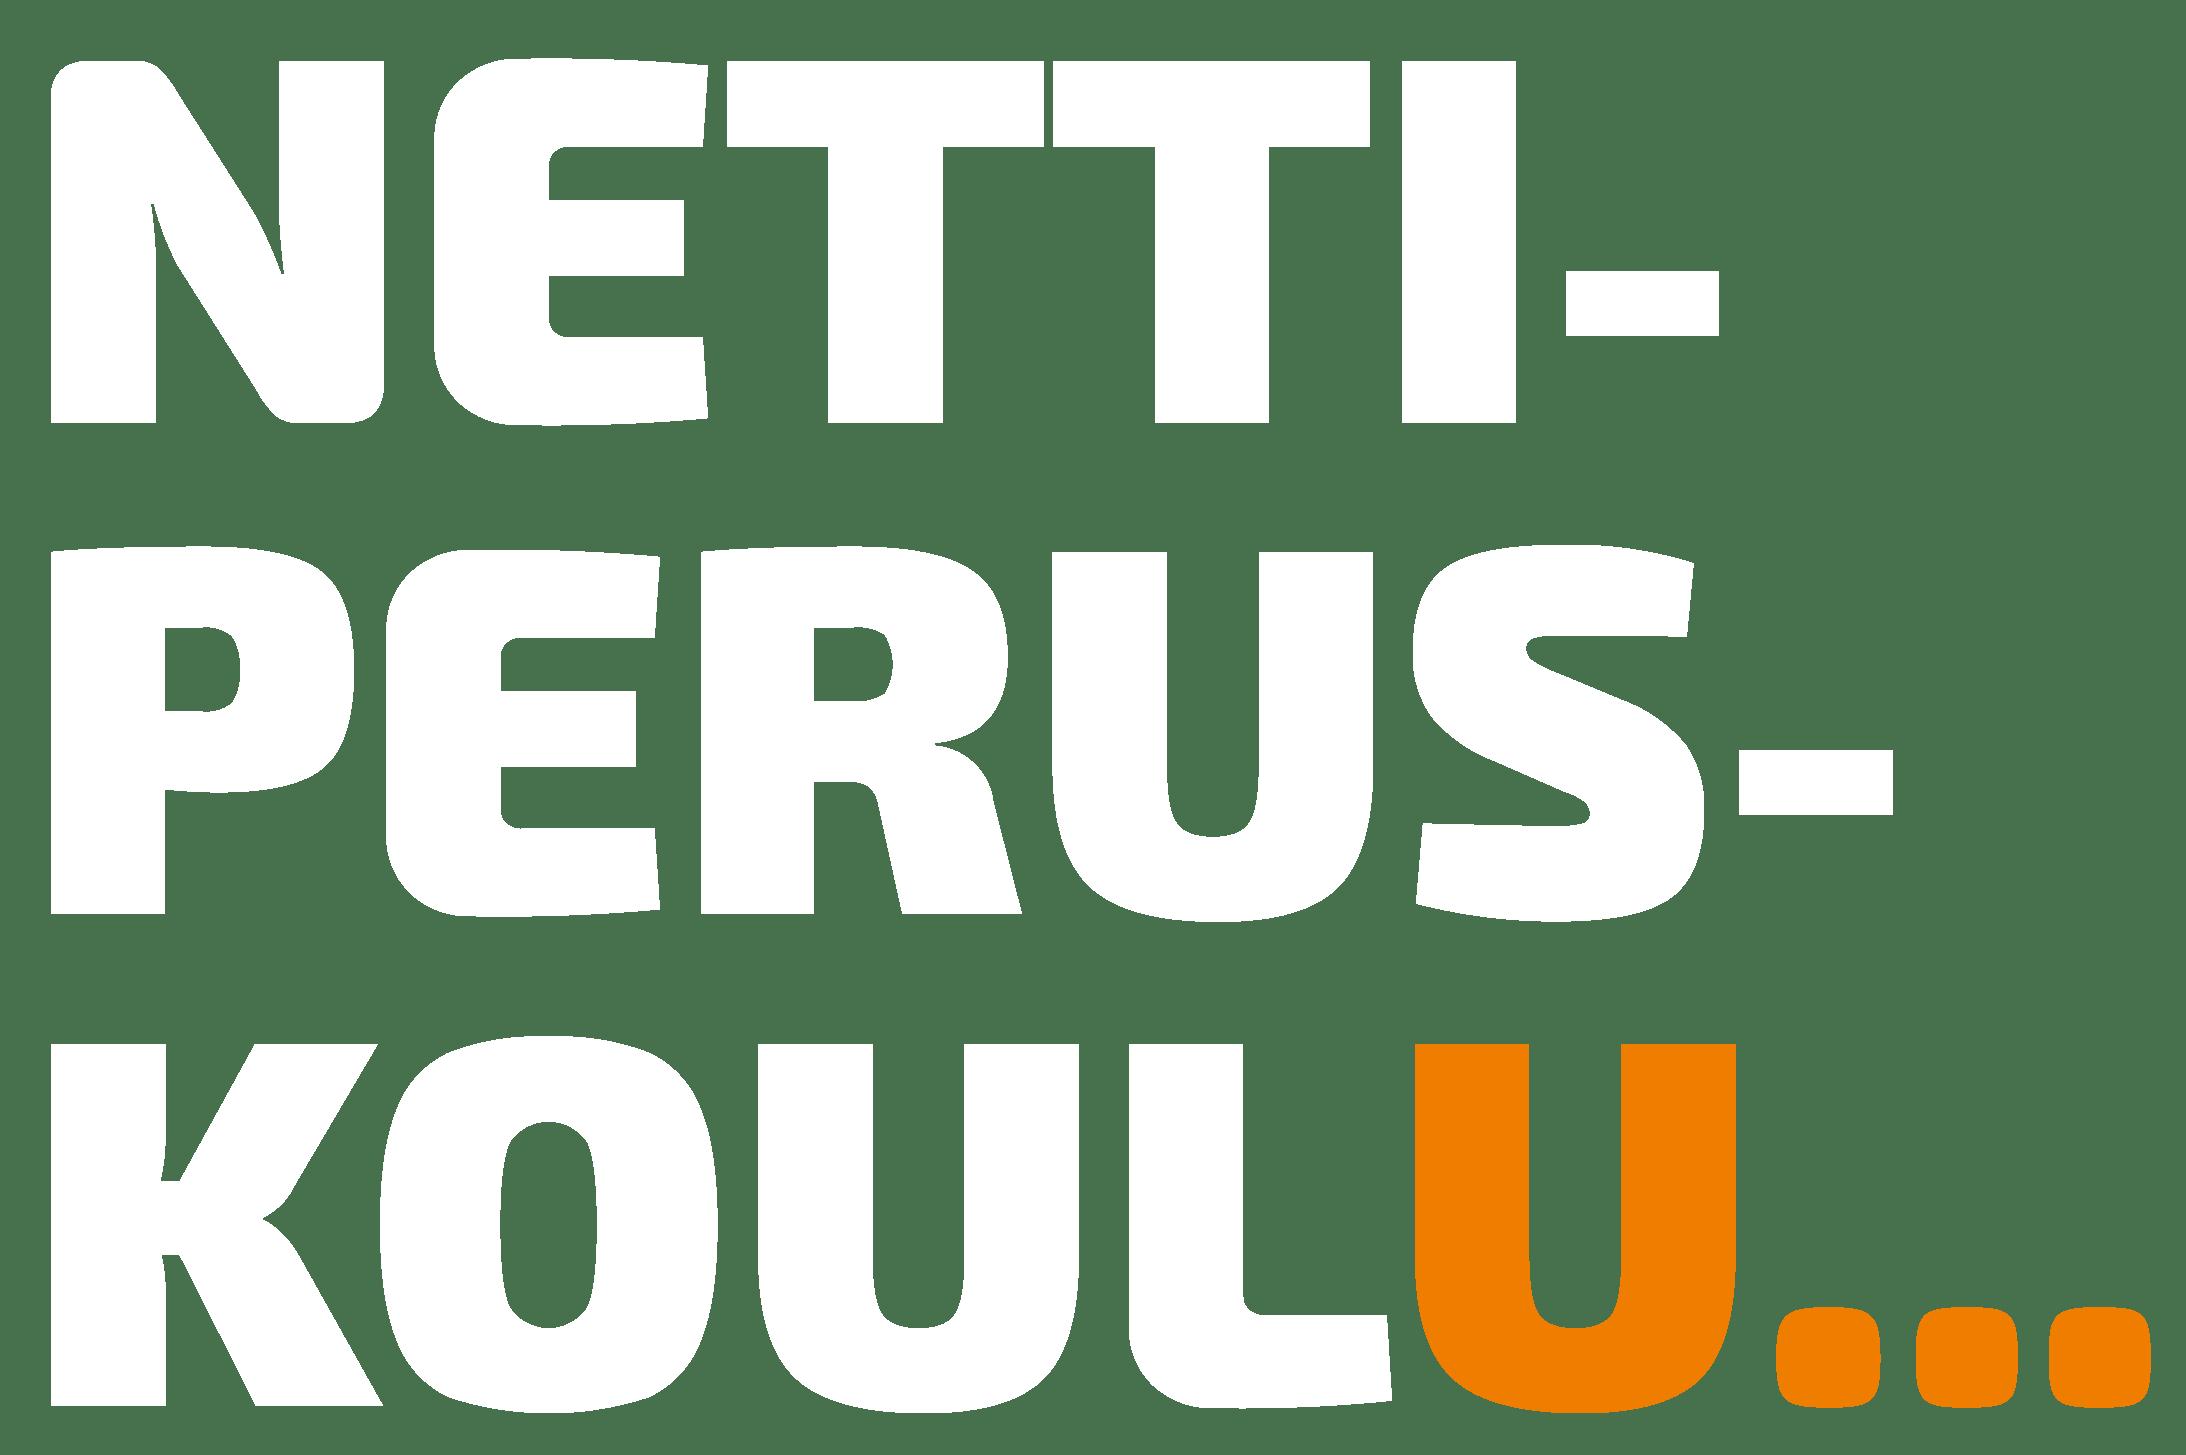 Nettiperuskoulun logo